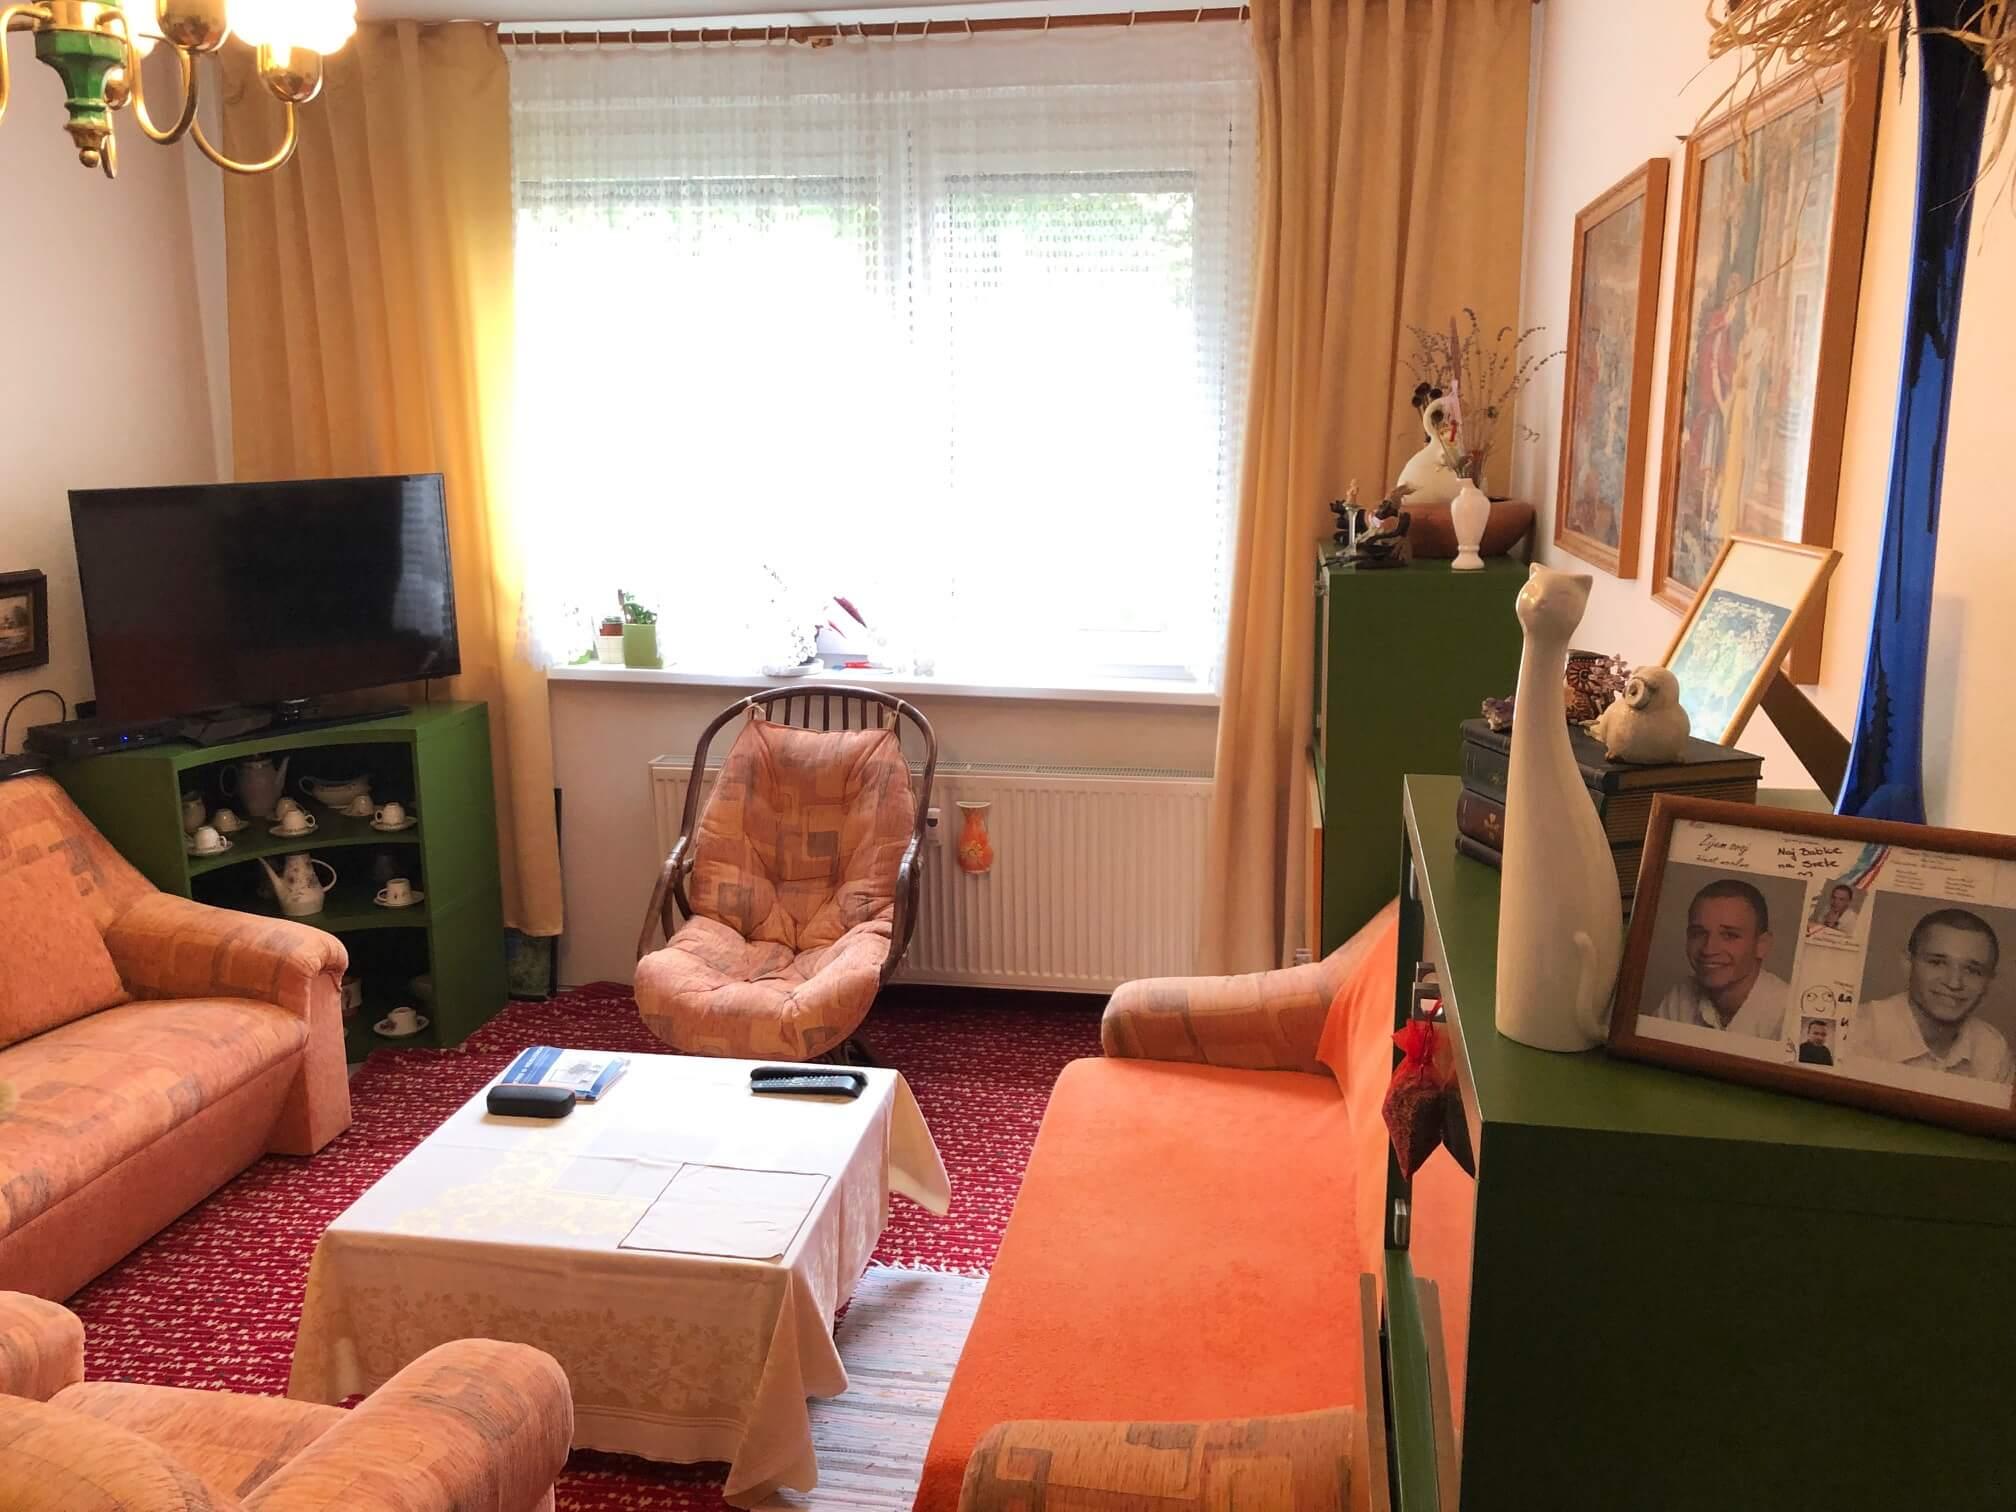 Predaný: 1 izbový byt, Ipeľská, Bratislava, 38m2, nízke náklady, parkovanie, vynikajúca občianska vybavenosť-6